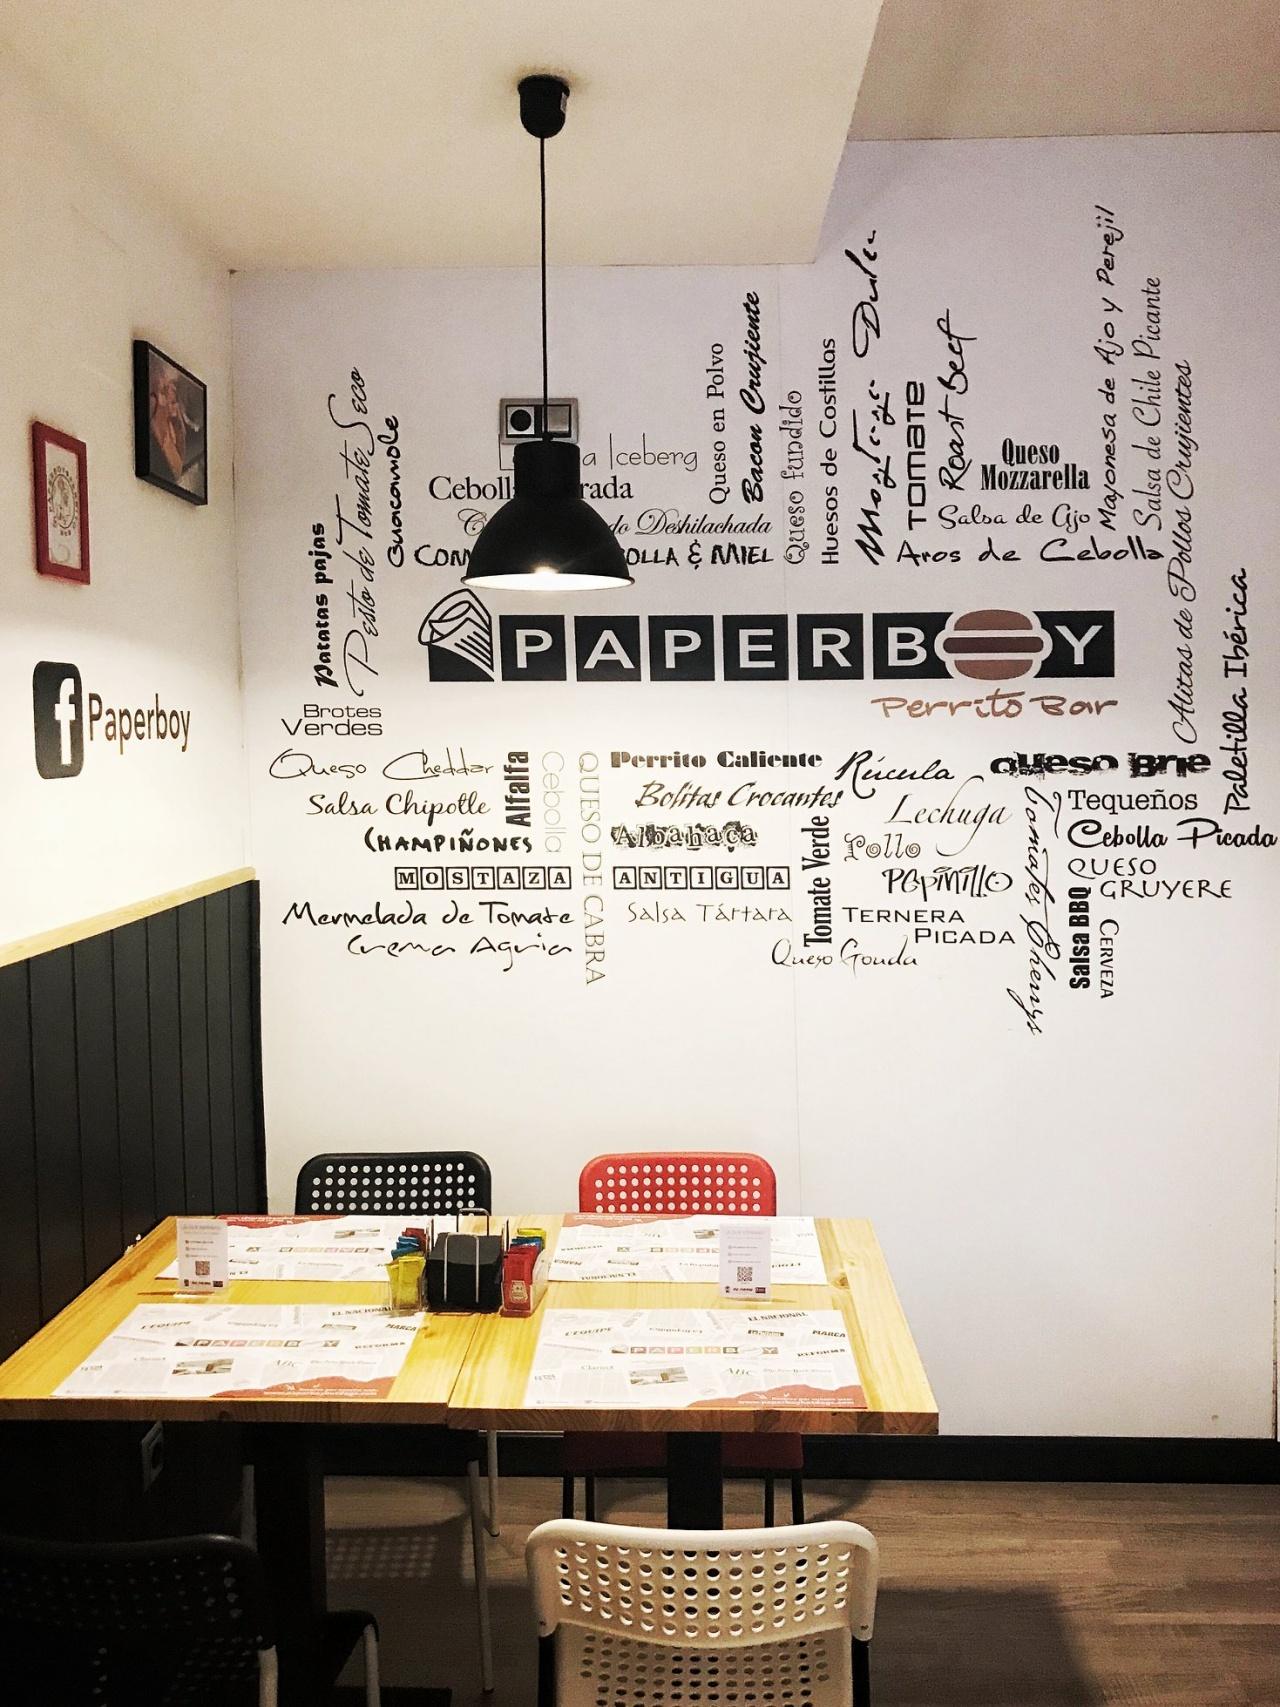 Paperboy Perrito Bar espacio